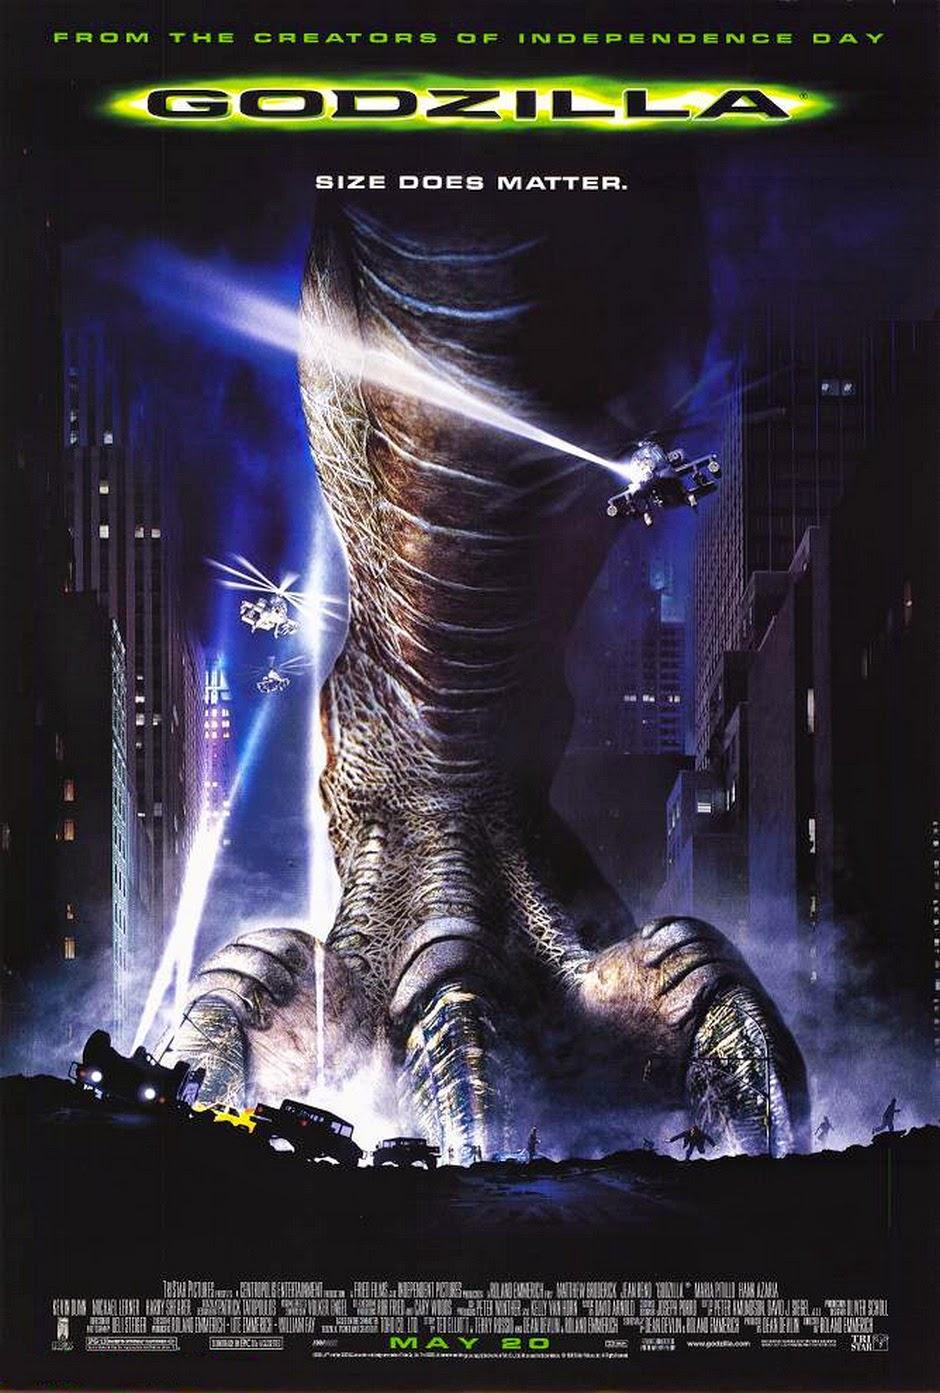 http://fr.wikipedia.org/wiki/Godzilla_(film,_1998)